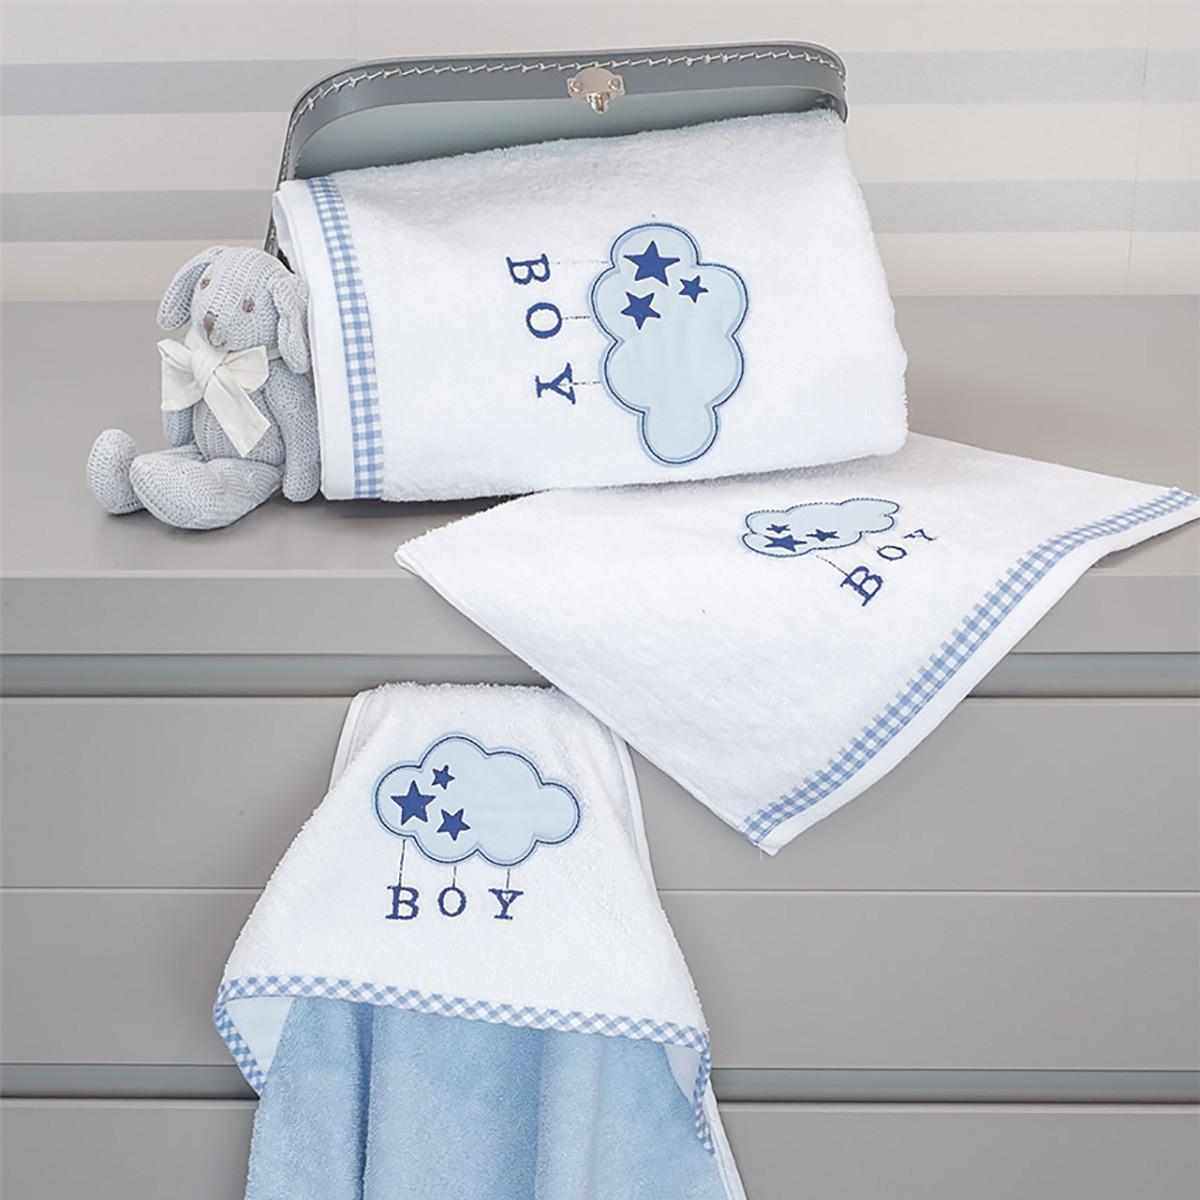 Πετσέτες Μπάνιου (Σετ 2τμχ) Baby Oliver Blue Cloud Des 143 home   away   λευκά είδη   λευκά είδη βρεφικά   πετσέτες βρεφικές